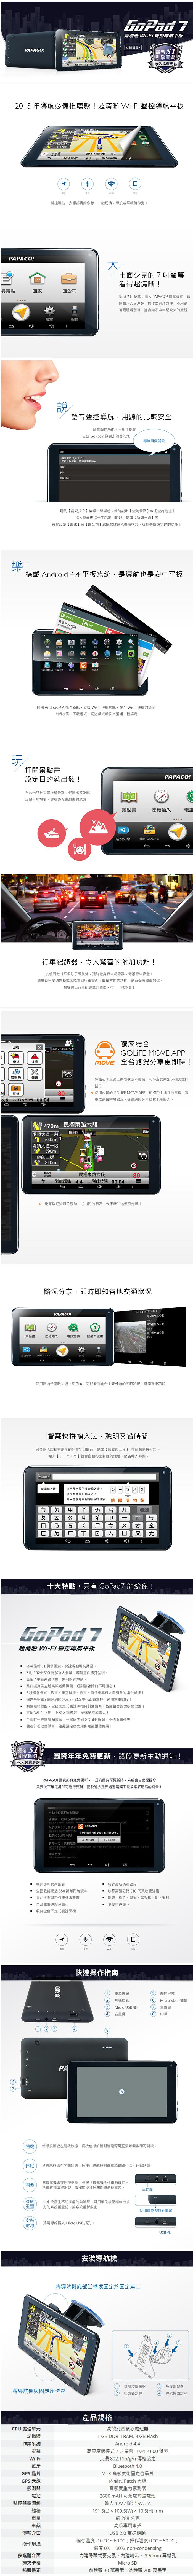 PAPAGO! GoPad 7 超清晰Wi-Fi 7吋聲控導航平板 - PChome 24h購物